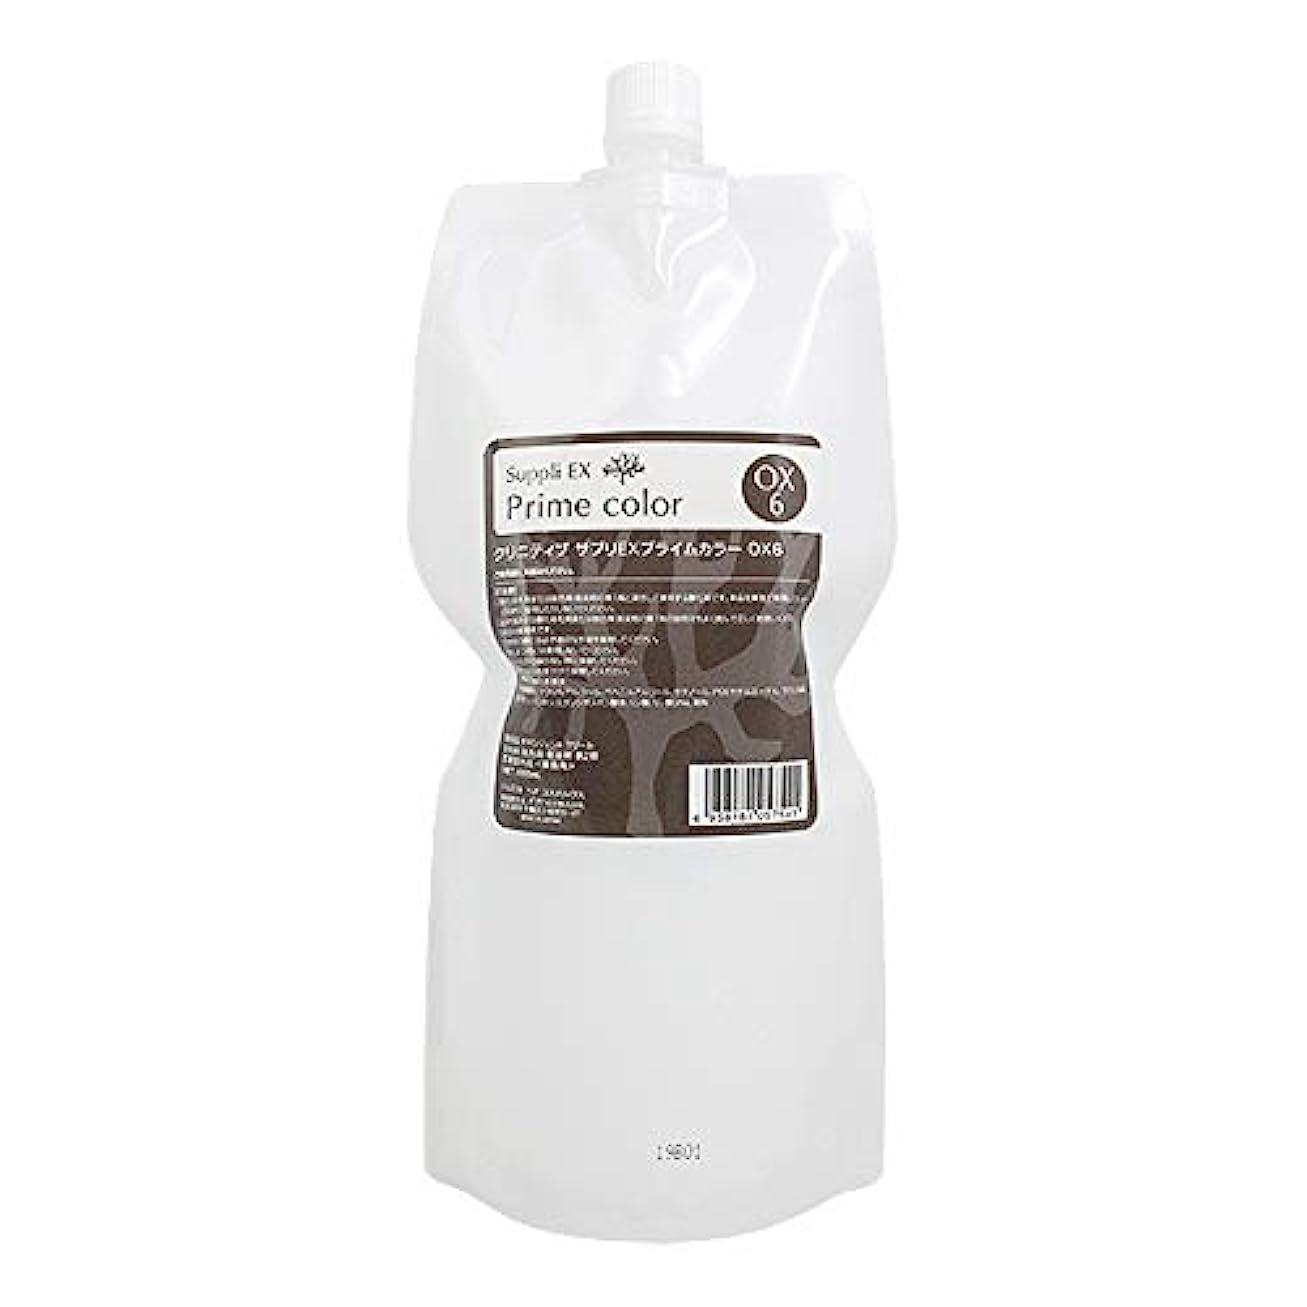 牛肉人差し指バウンドイリヤ化学 クリニティブ サプリEXプライムカラー アテンド(染毛補助クリーム) 300g